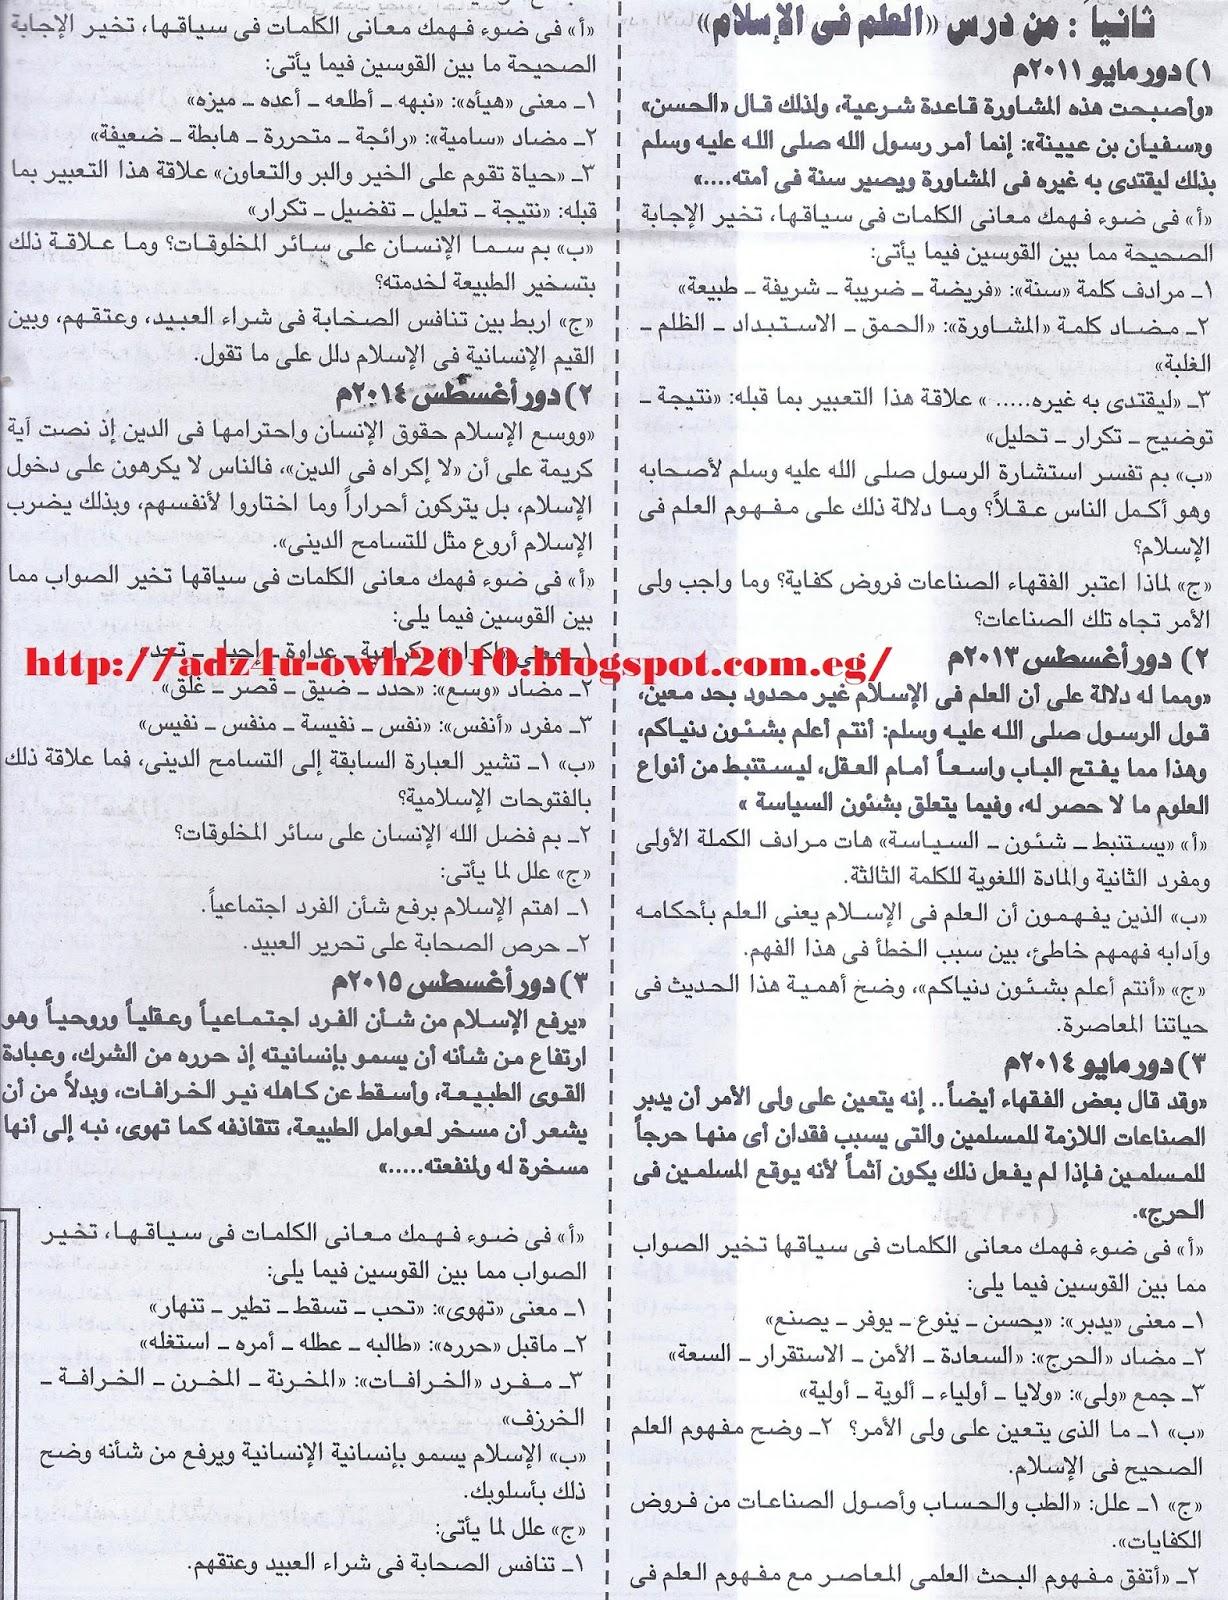 مراجعة وتوقعات ملحق الجمهورية الاخيرة في اللغة العربية للثانوية العامة 6